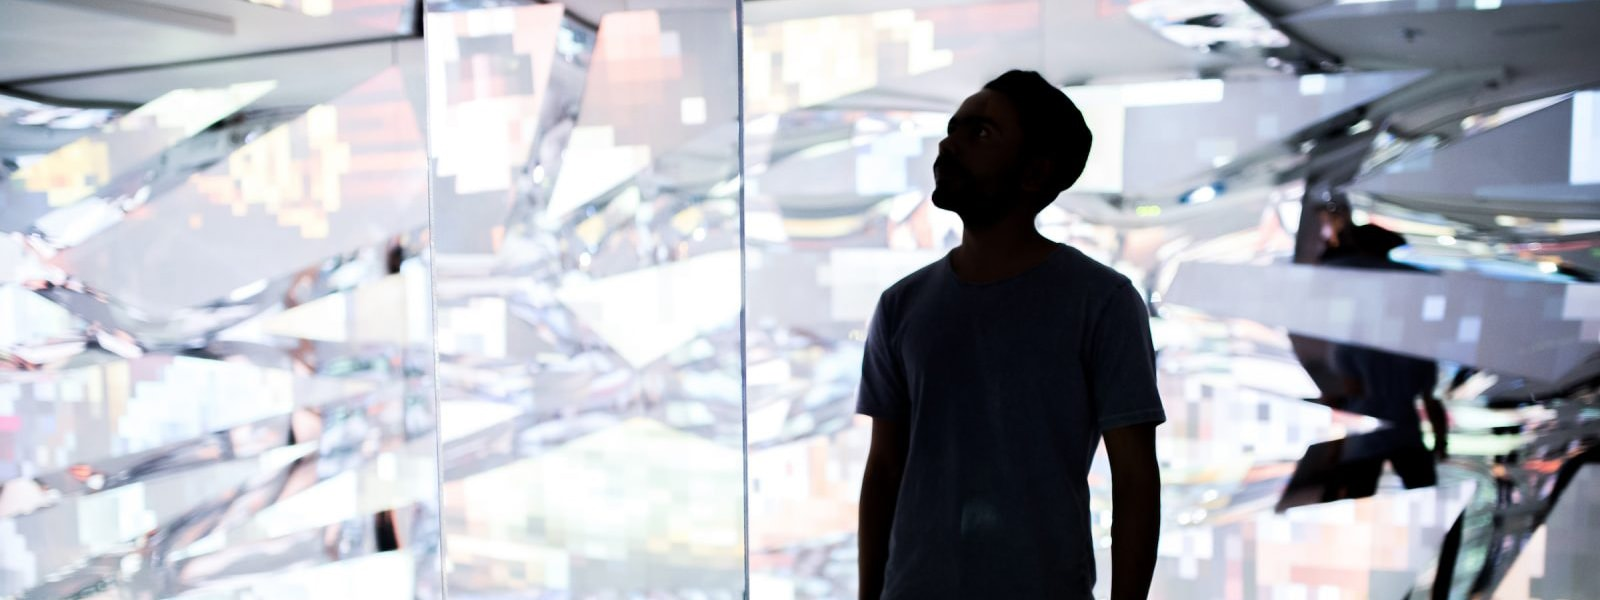 Ein Mann geht durch ein lebensgroßes Kaleidoskop, das mit Hilfe von KI generiert wird.